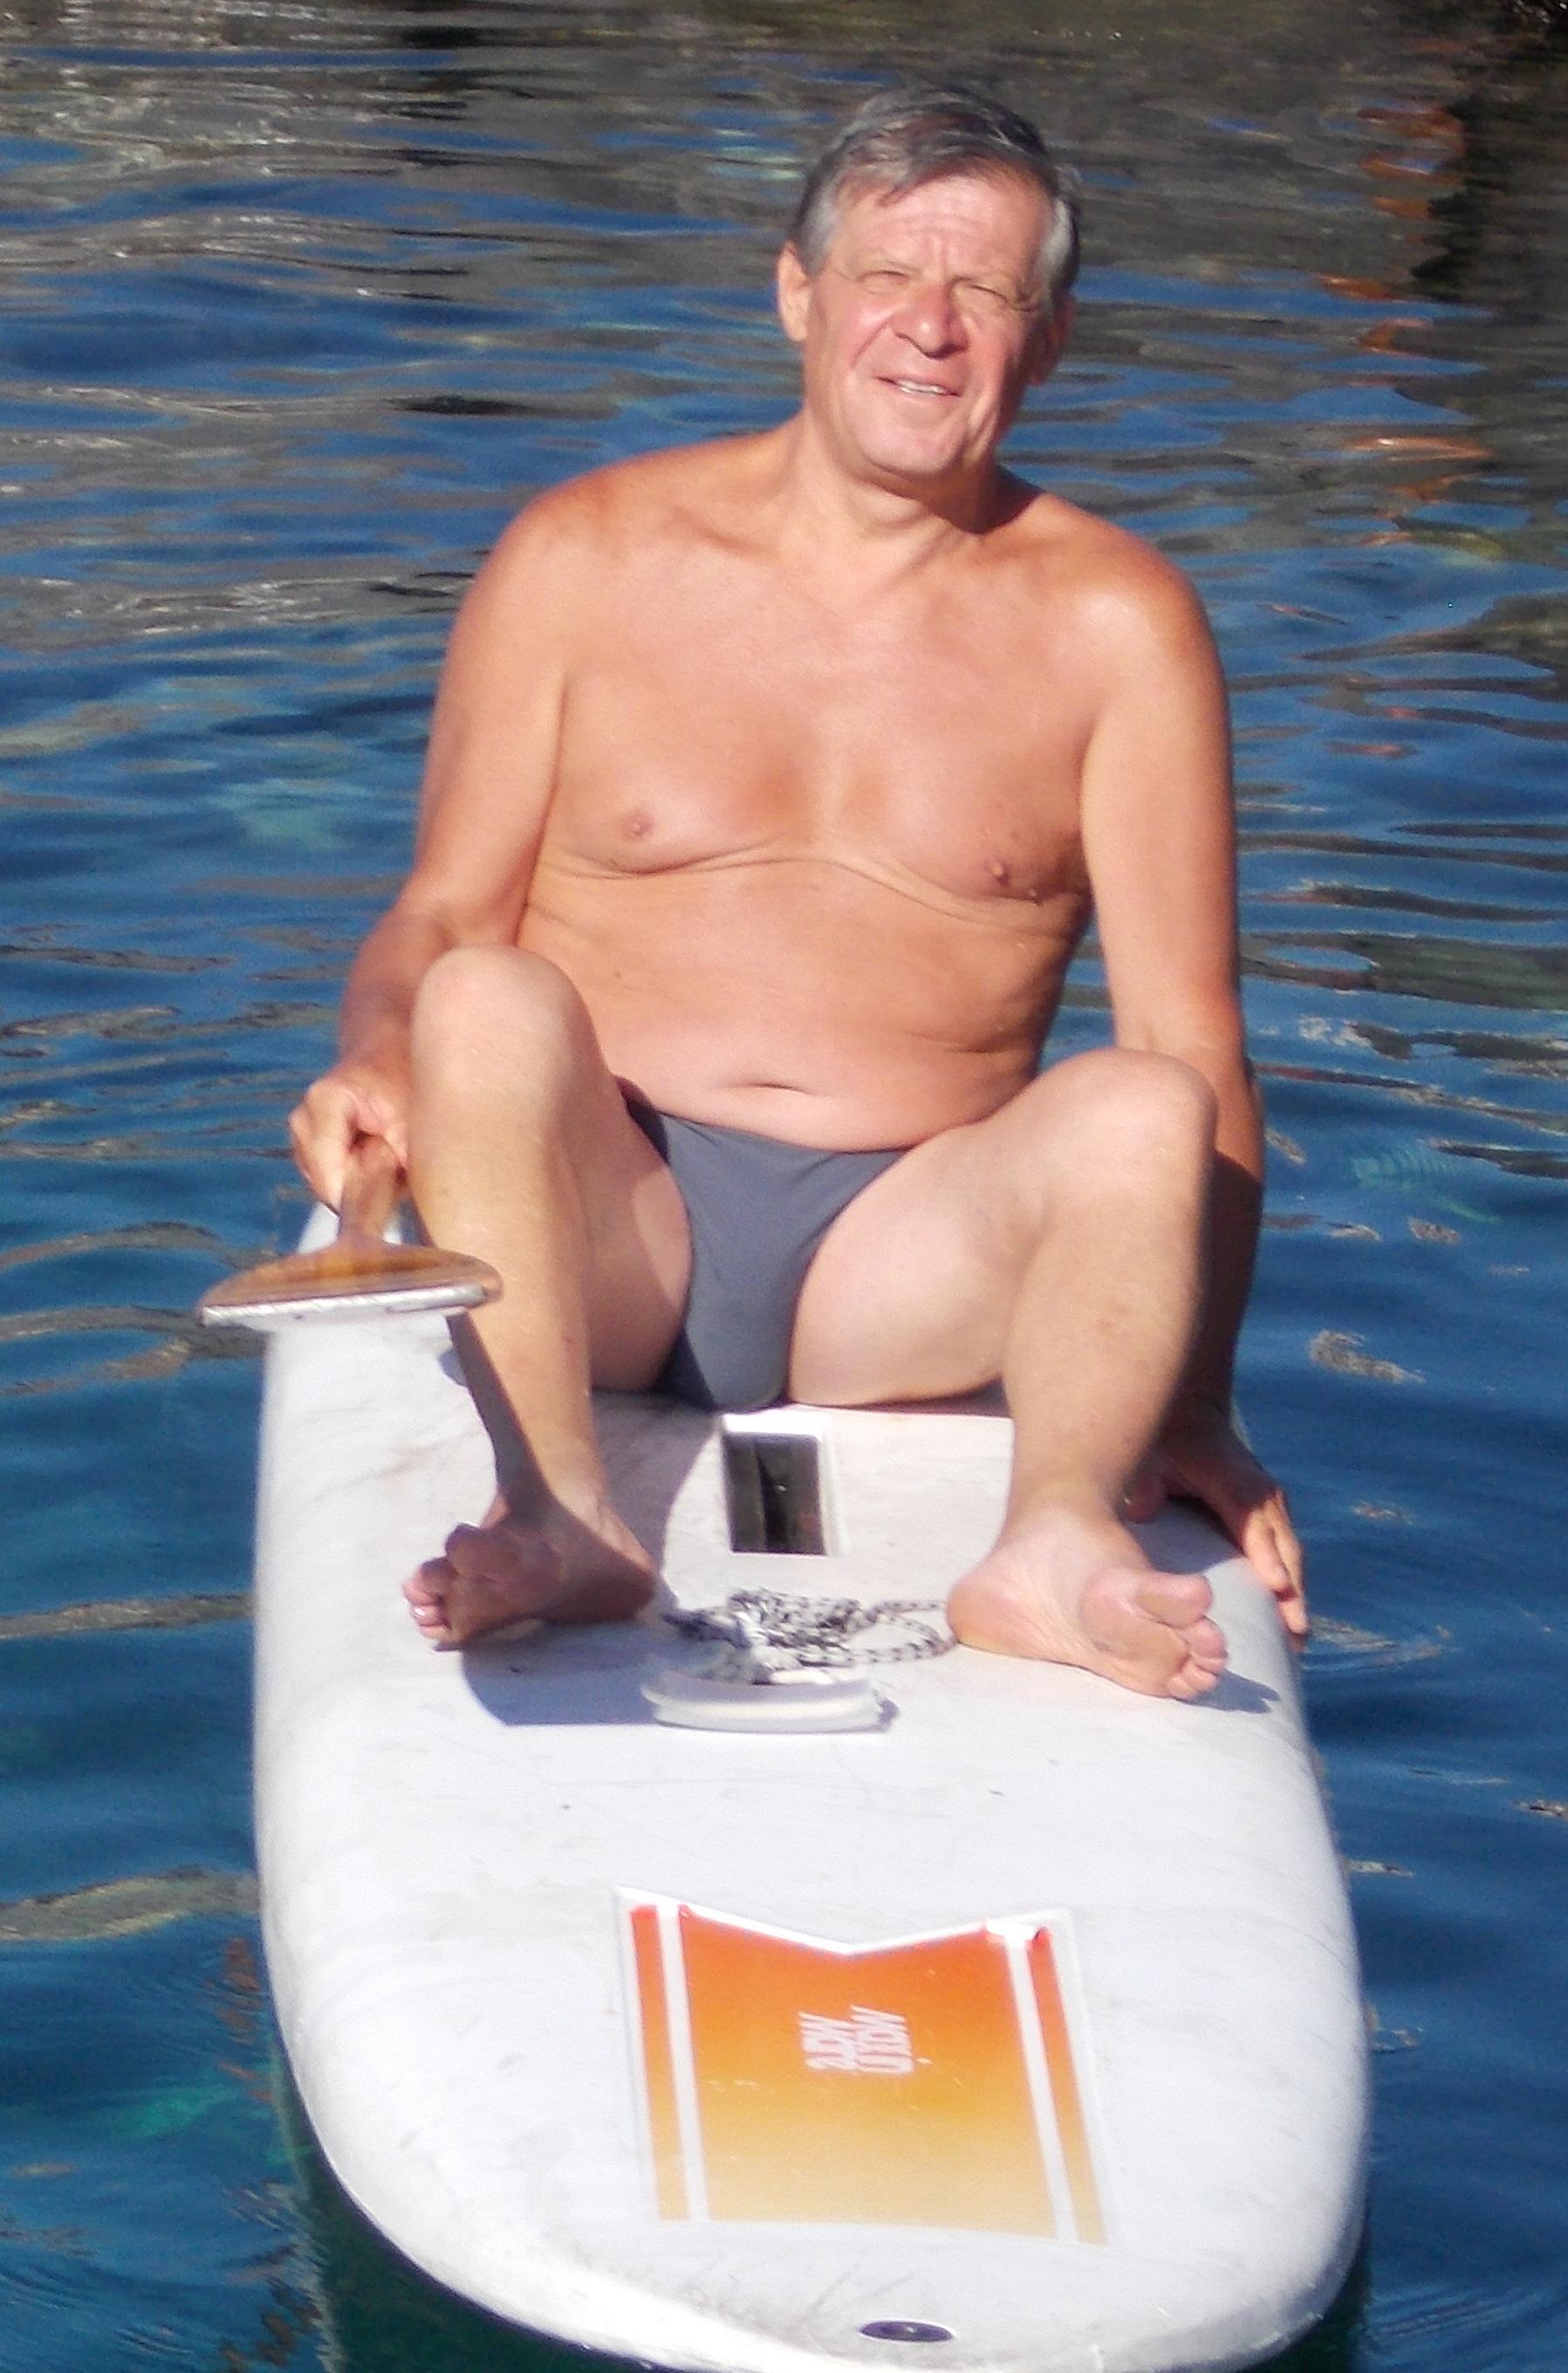 Giovanni Puglisi - Classe 1948 - Famiglia catanese, trasferitosi a Messina, ora in vacanza a Catania, proveniente da Torino, dove vive attualmente. Due frequentatrici di S. G. Li Cuti gli avevano parlato dell'escursione e lui ha preso la palla al balzo. Si è portato anche la maschera subacquea ed ha esplorato i fondali dell'ultima grotta. -PENSUCACIPIACIU-